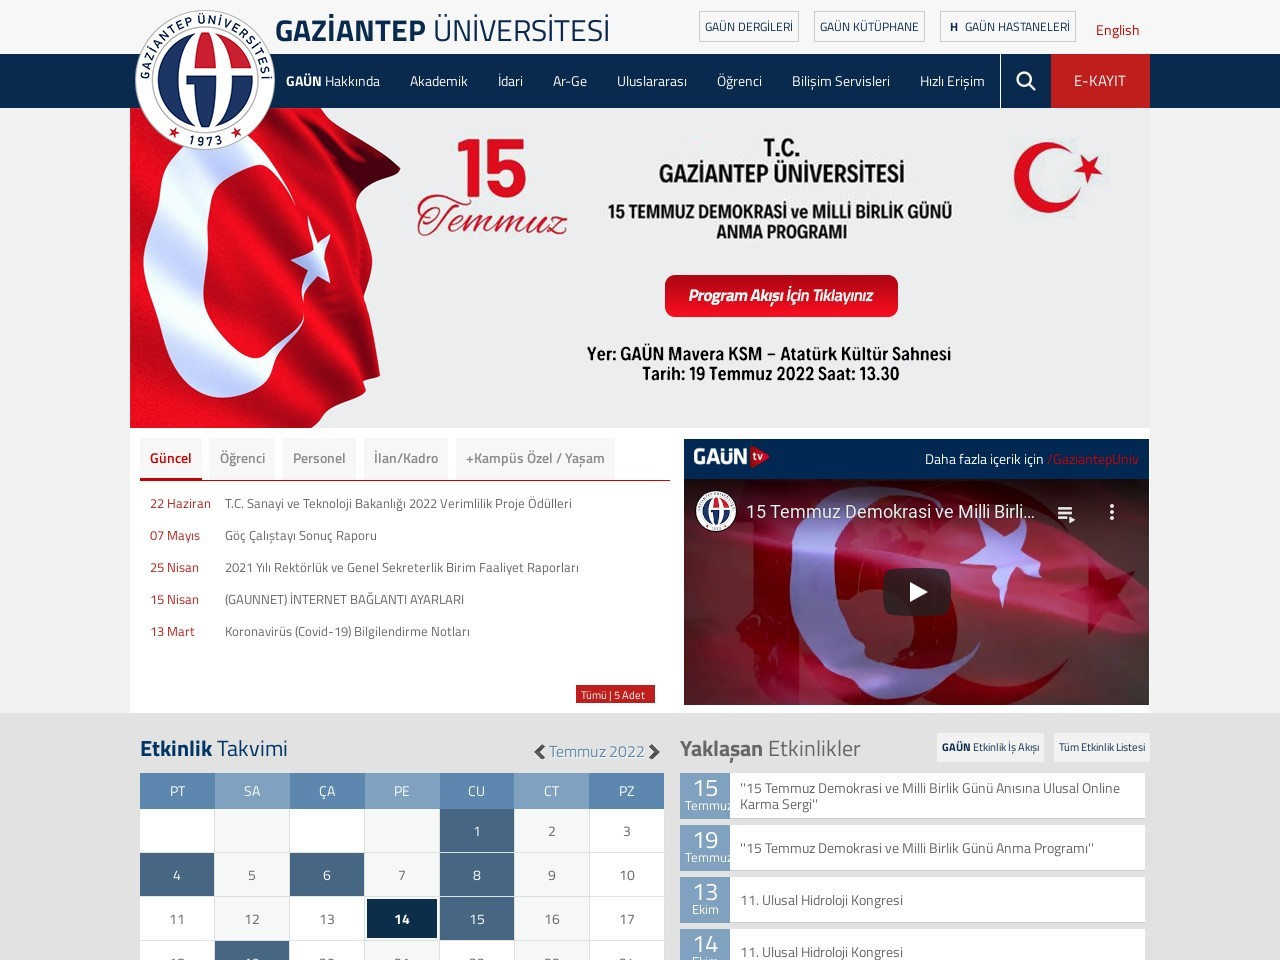 gantep.edu.tr